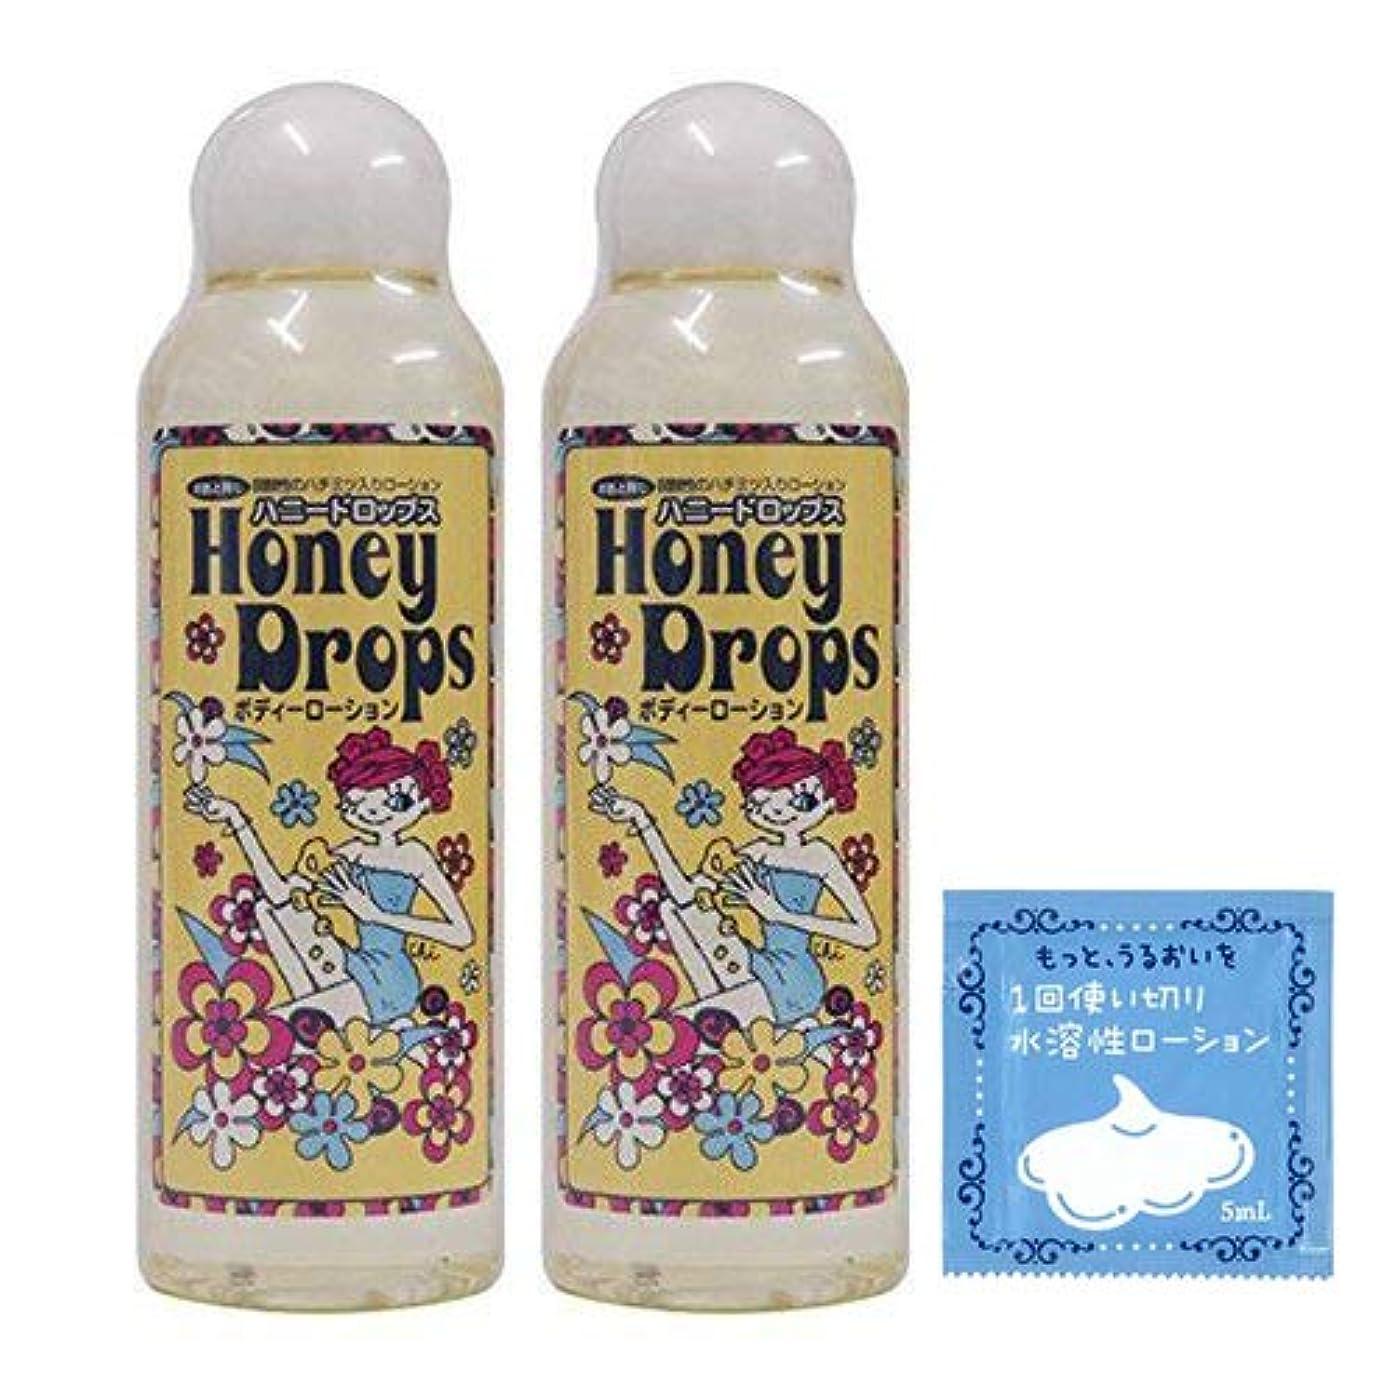 受付楽しい美的ハニードロップス150mL HoneyDrops150 ×2本 + 1回使い切り水溶性潤滑ローション